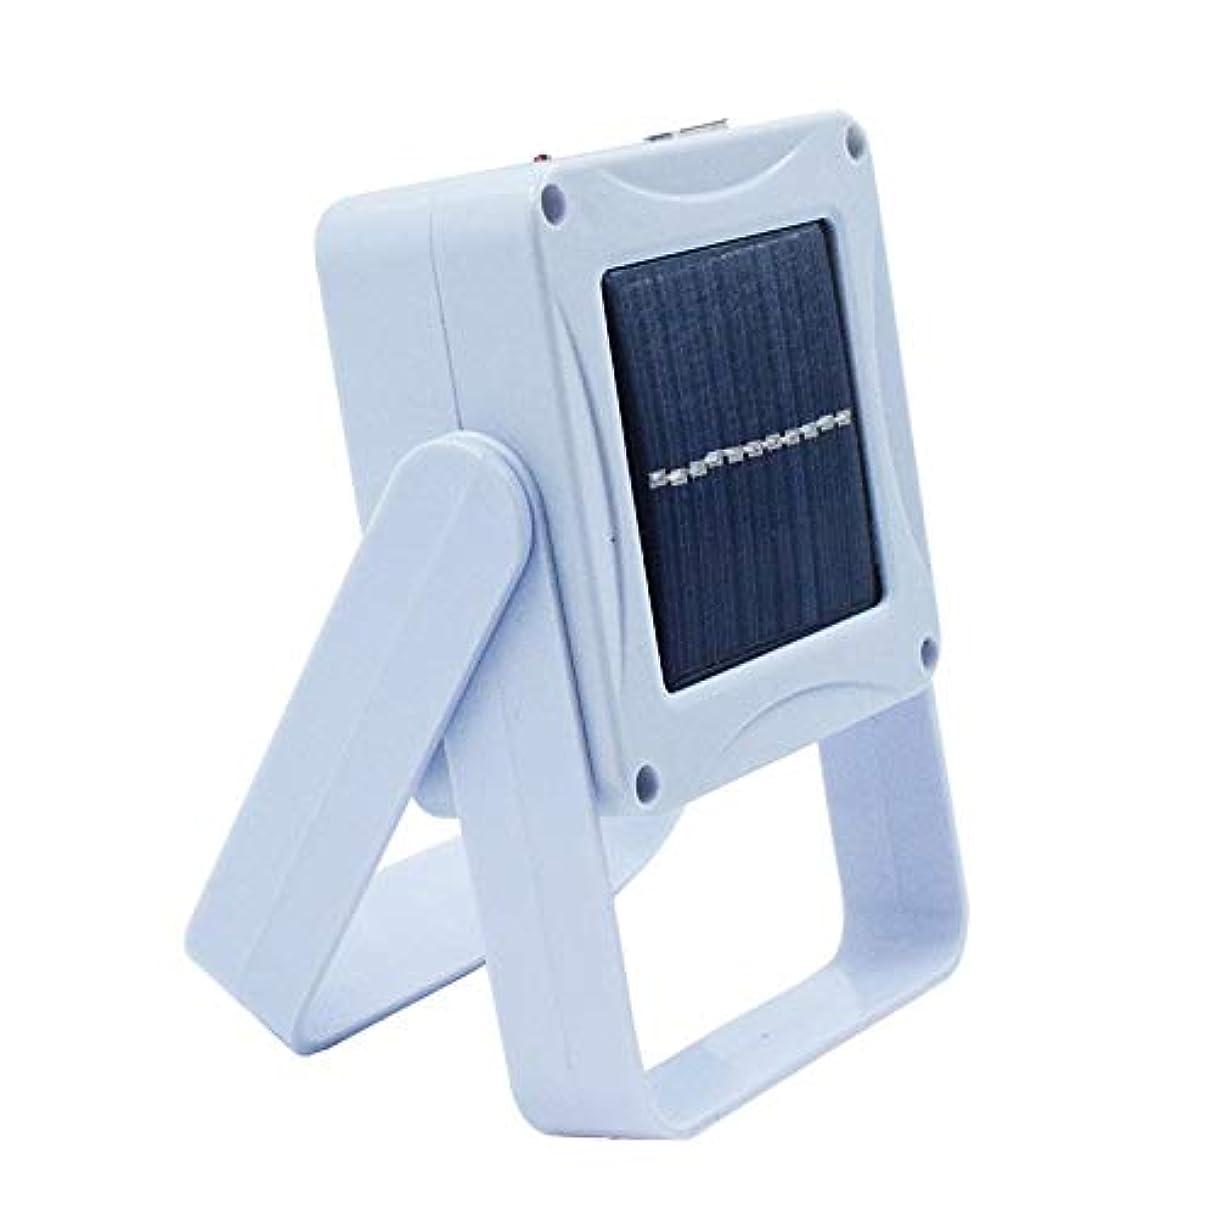 テレビ局ディプロマと闘うKYAWJY ソーラーライト屋外用モーションセンサーライト、高効率ソーラーパネル付き、防水IP65、広い照射角、設置が簡単、キャンプ用、緊急用、中庭、携帯用照明